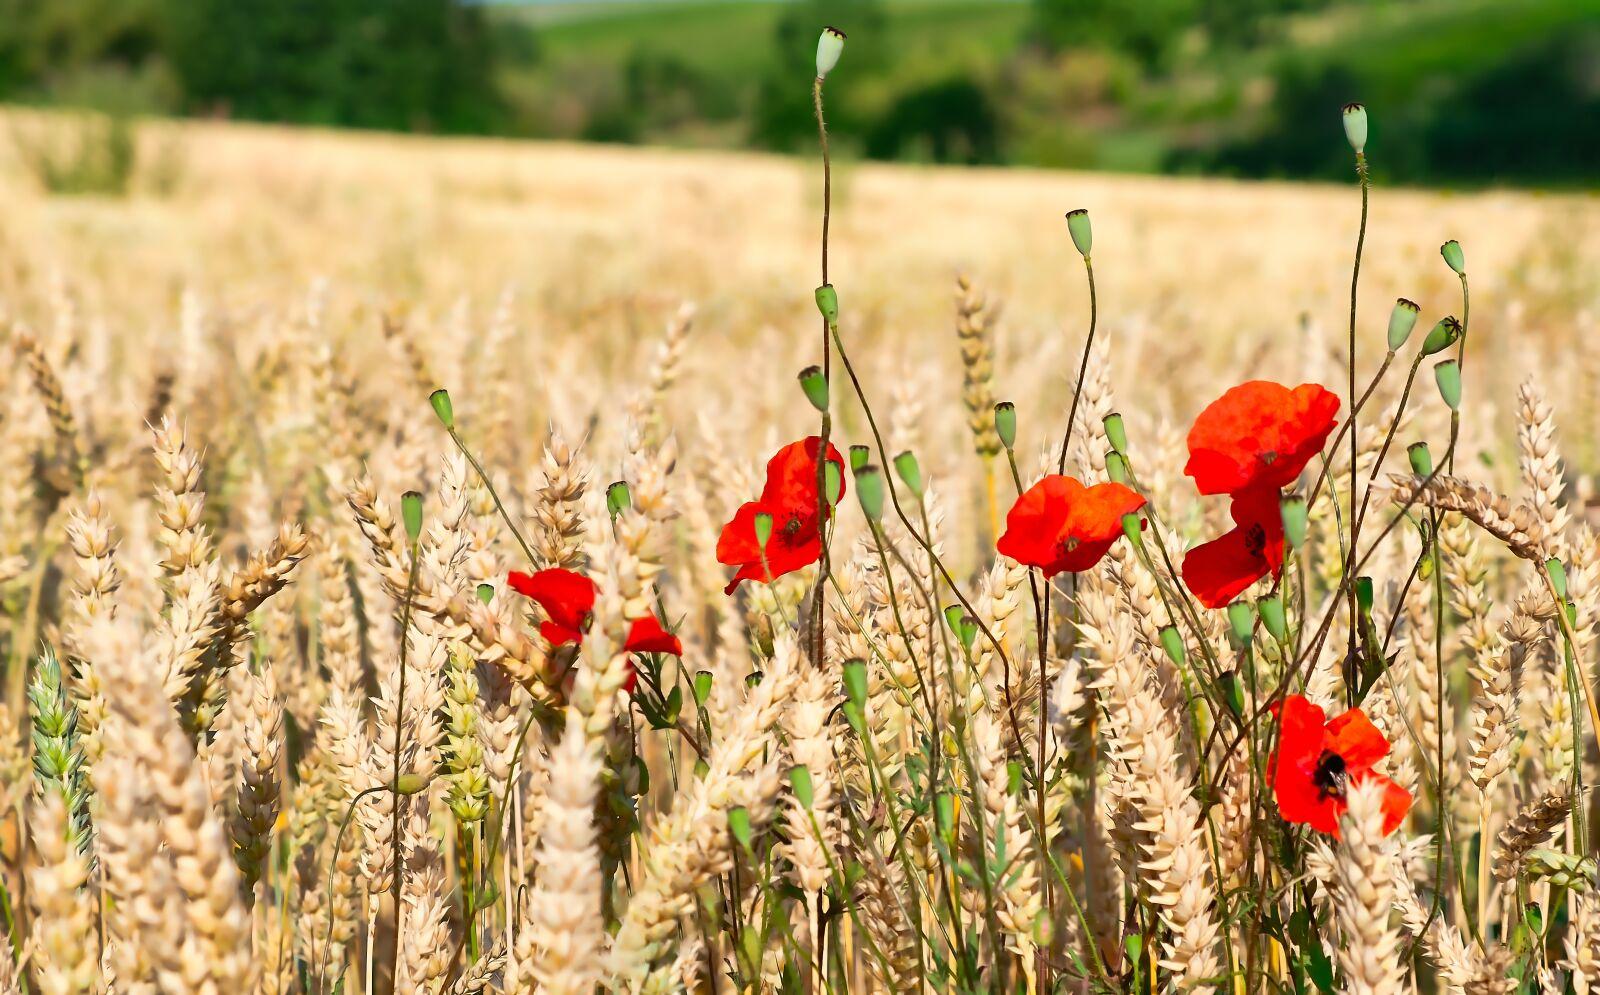 """Fujifilm X-E1 sample photo. """"Poppies, cornfield, poppy"""" photography"""